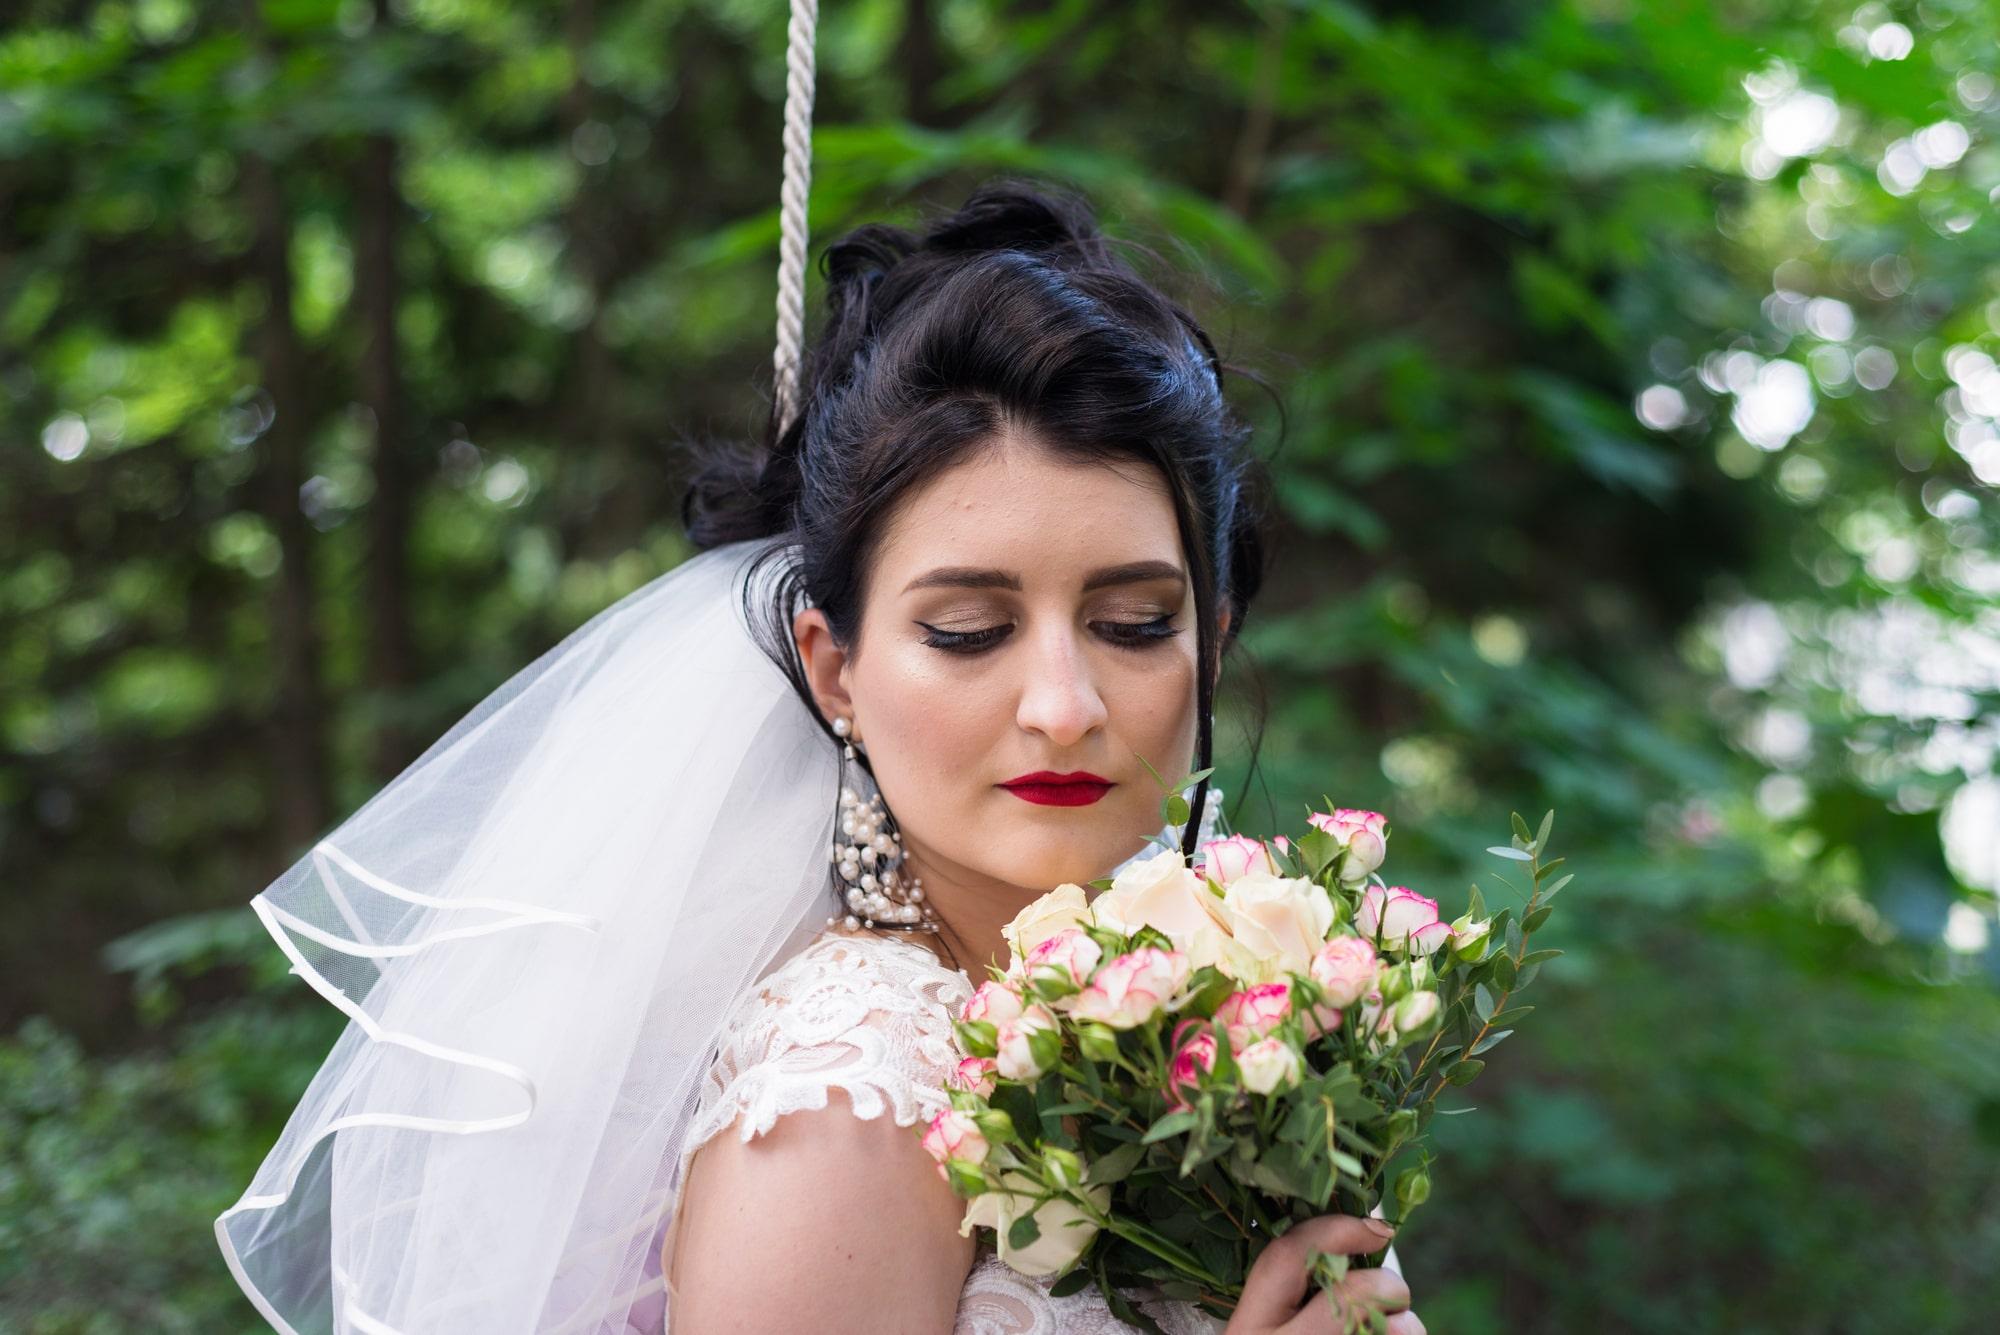 Свадебная фотосъемка в студии Плей - фото Женя Лайт